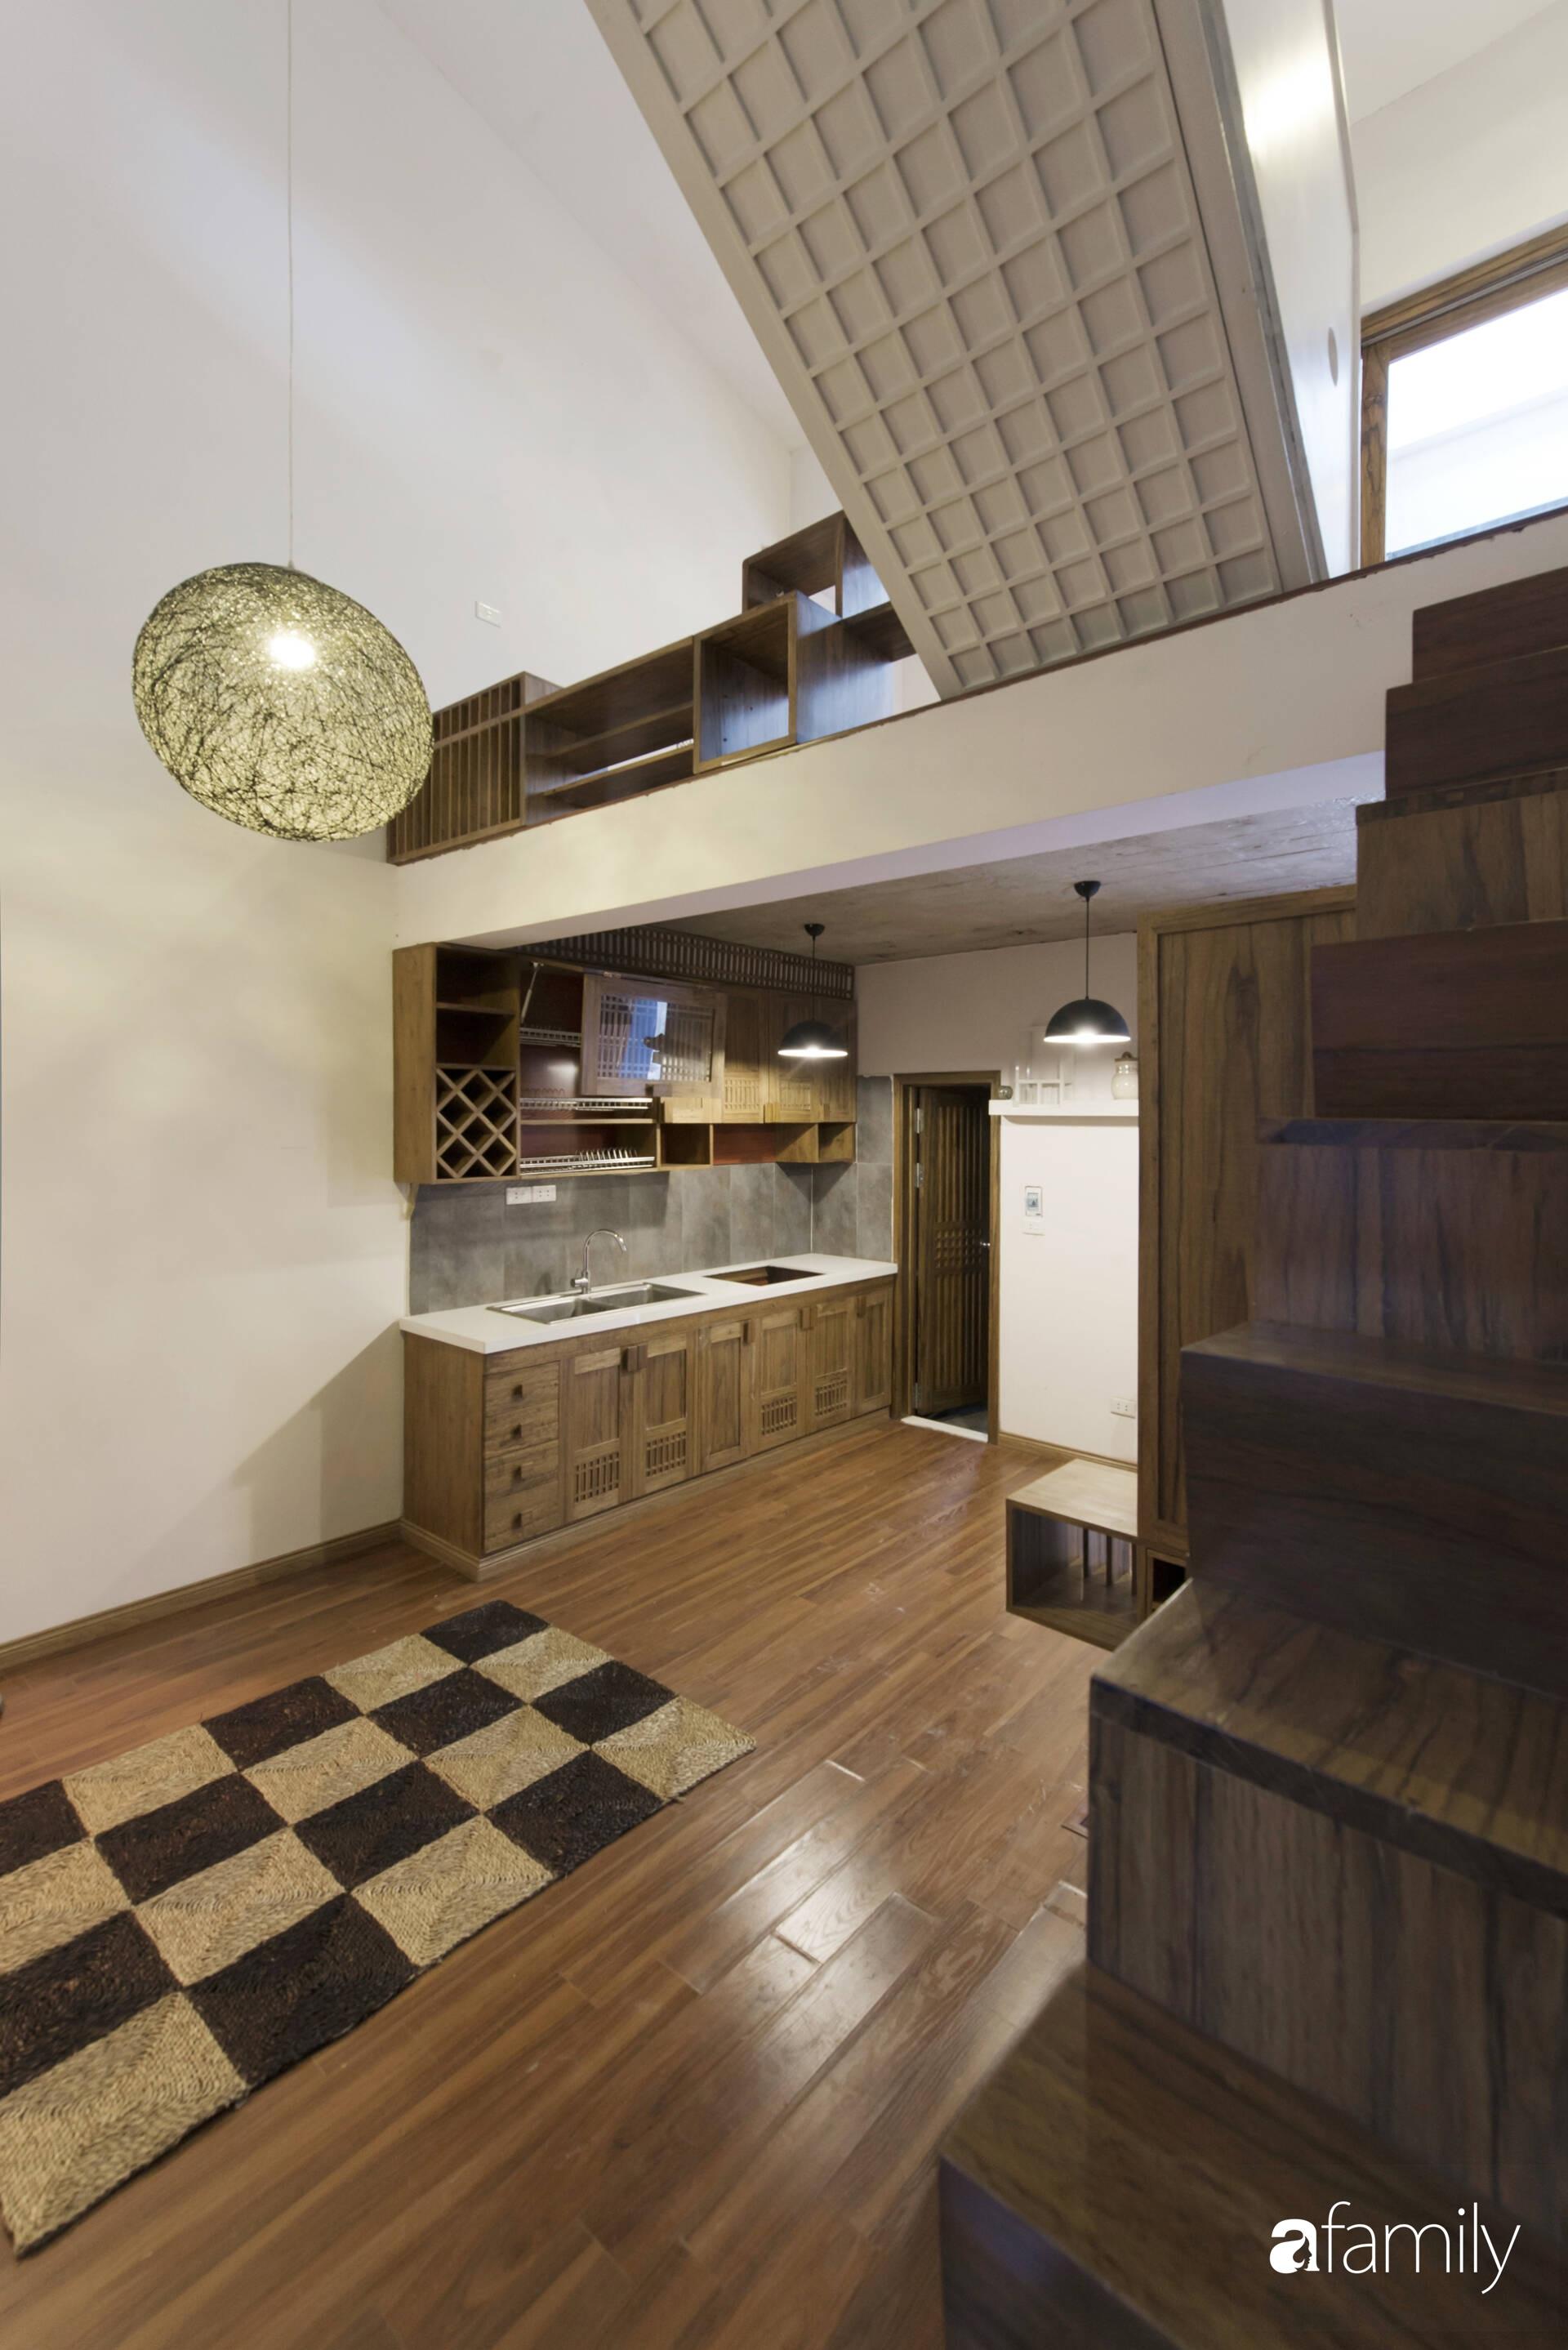 Vẻ đẹp của gỗ kết hợp nội thất đơn giản trong ngôi nhà 45,6m² ở ngõ nhỏ Hà Nội sau khi cải tạo - Ảnh 4.